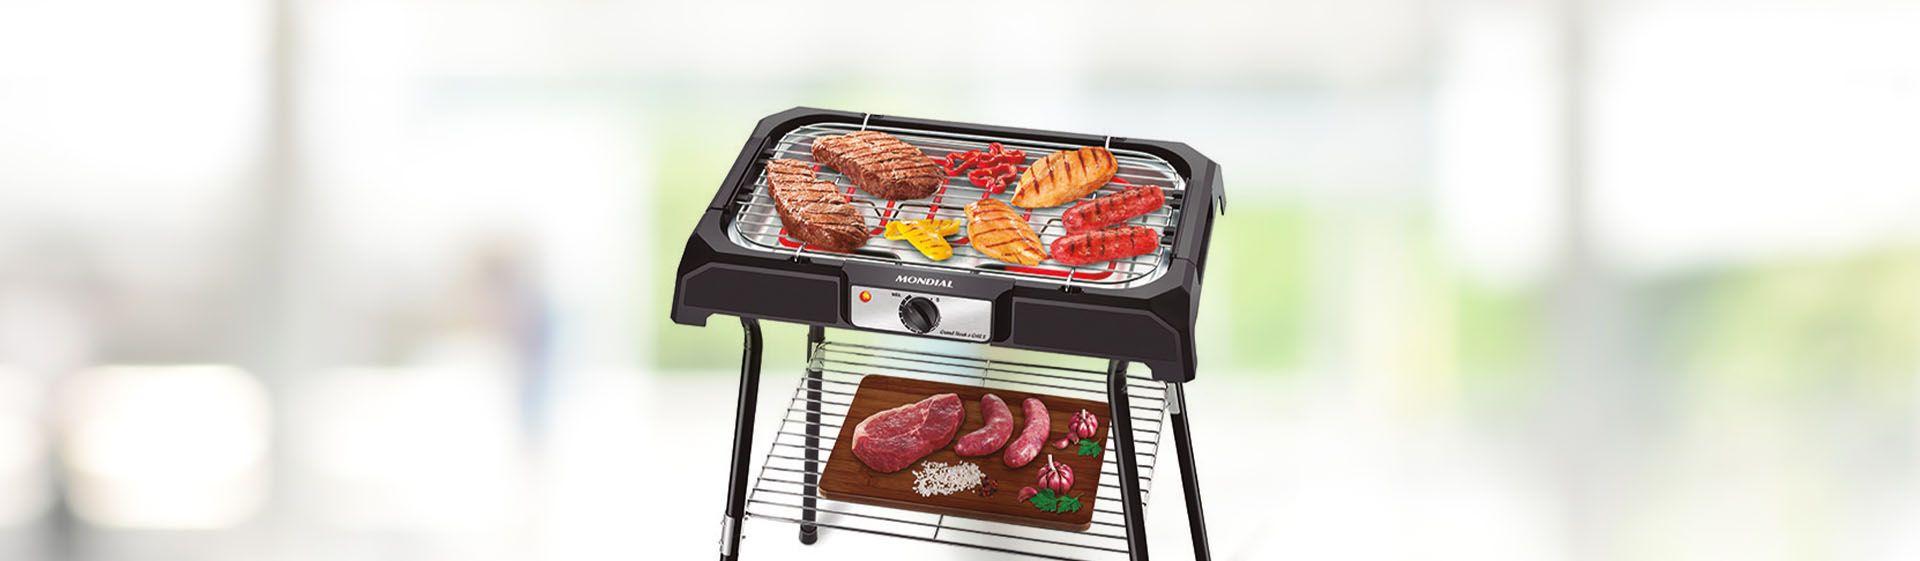 Churrasqueira elétrica Mondial Grand Steak & Grill CH-06 é boa?